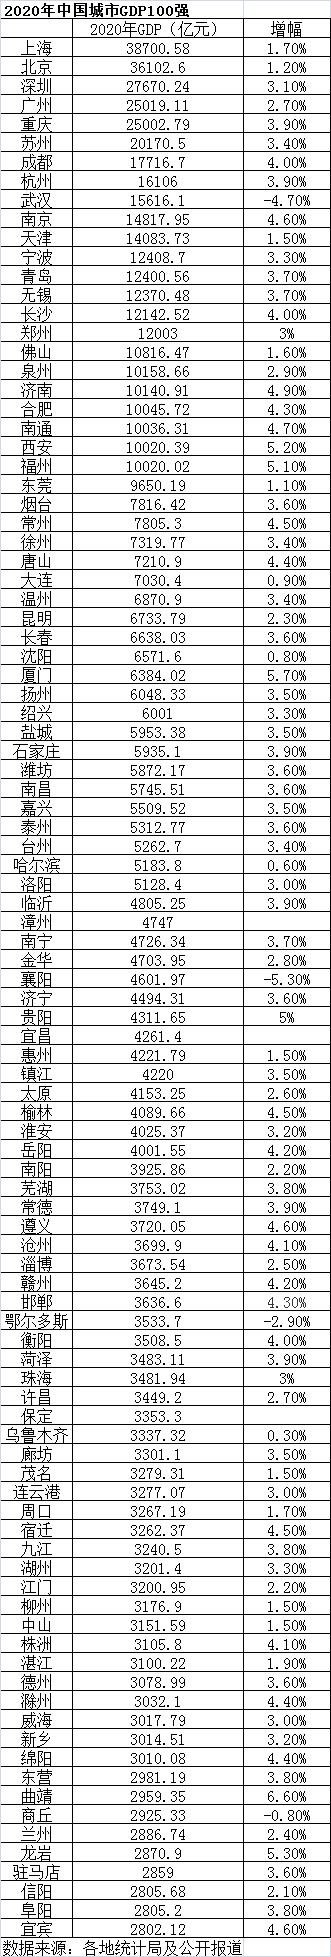 2020年中国百强城市:23个城市GDP超过1万亿,江苏13个城市全部入围